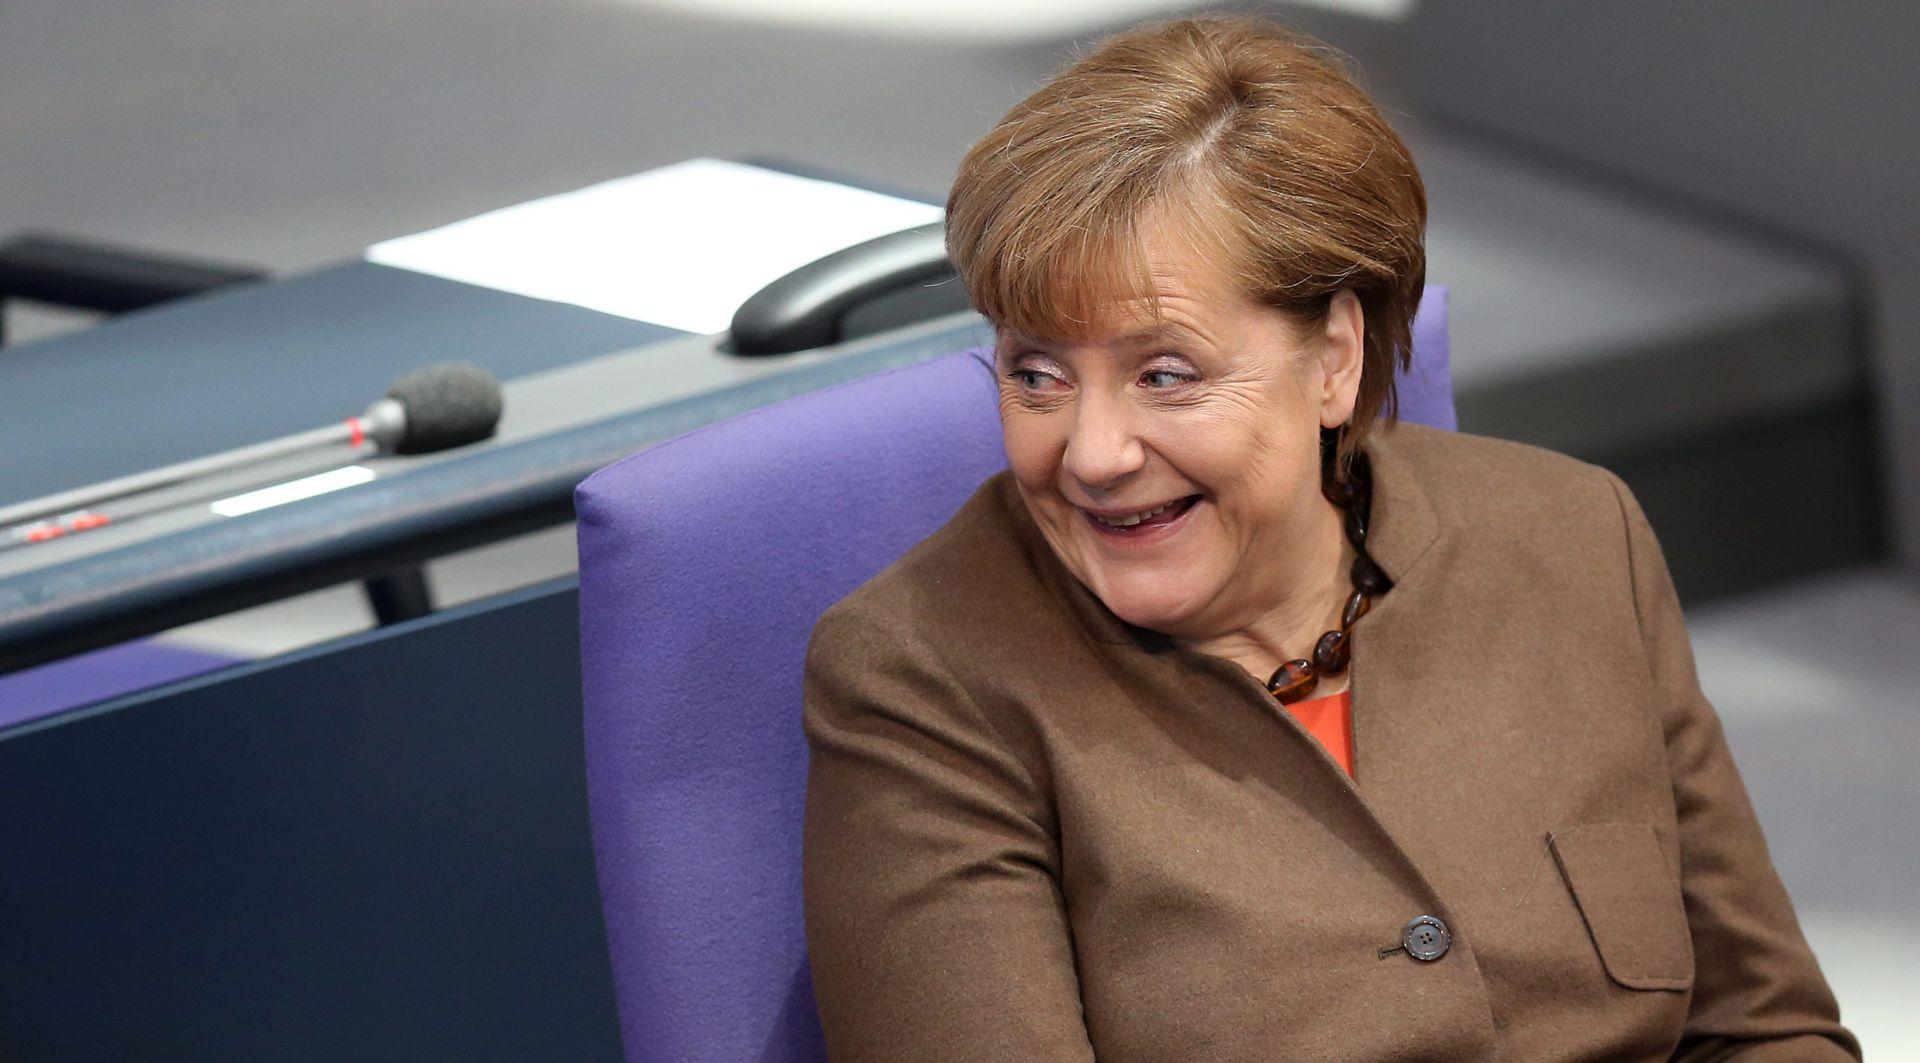 Fanovi cvijećem zatrpali ured kancelarke Merkel